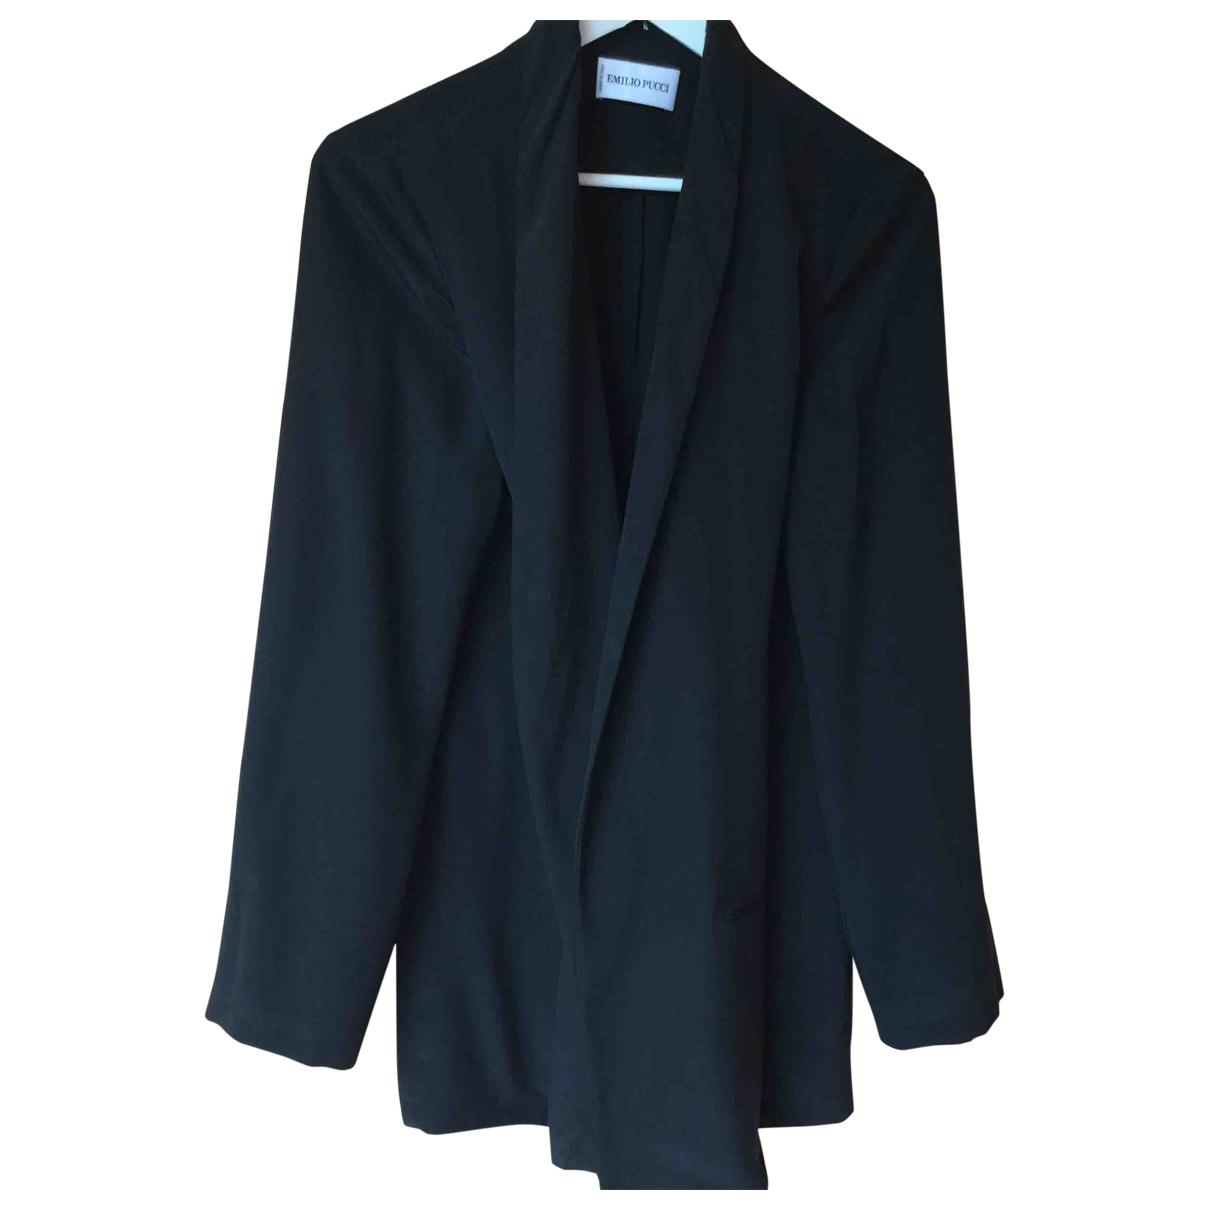 Emilio Pucci - Veste   pour femme en soie - noir